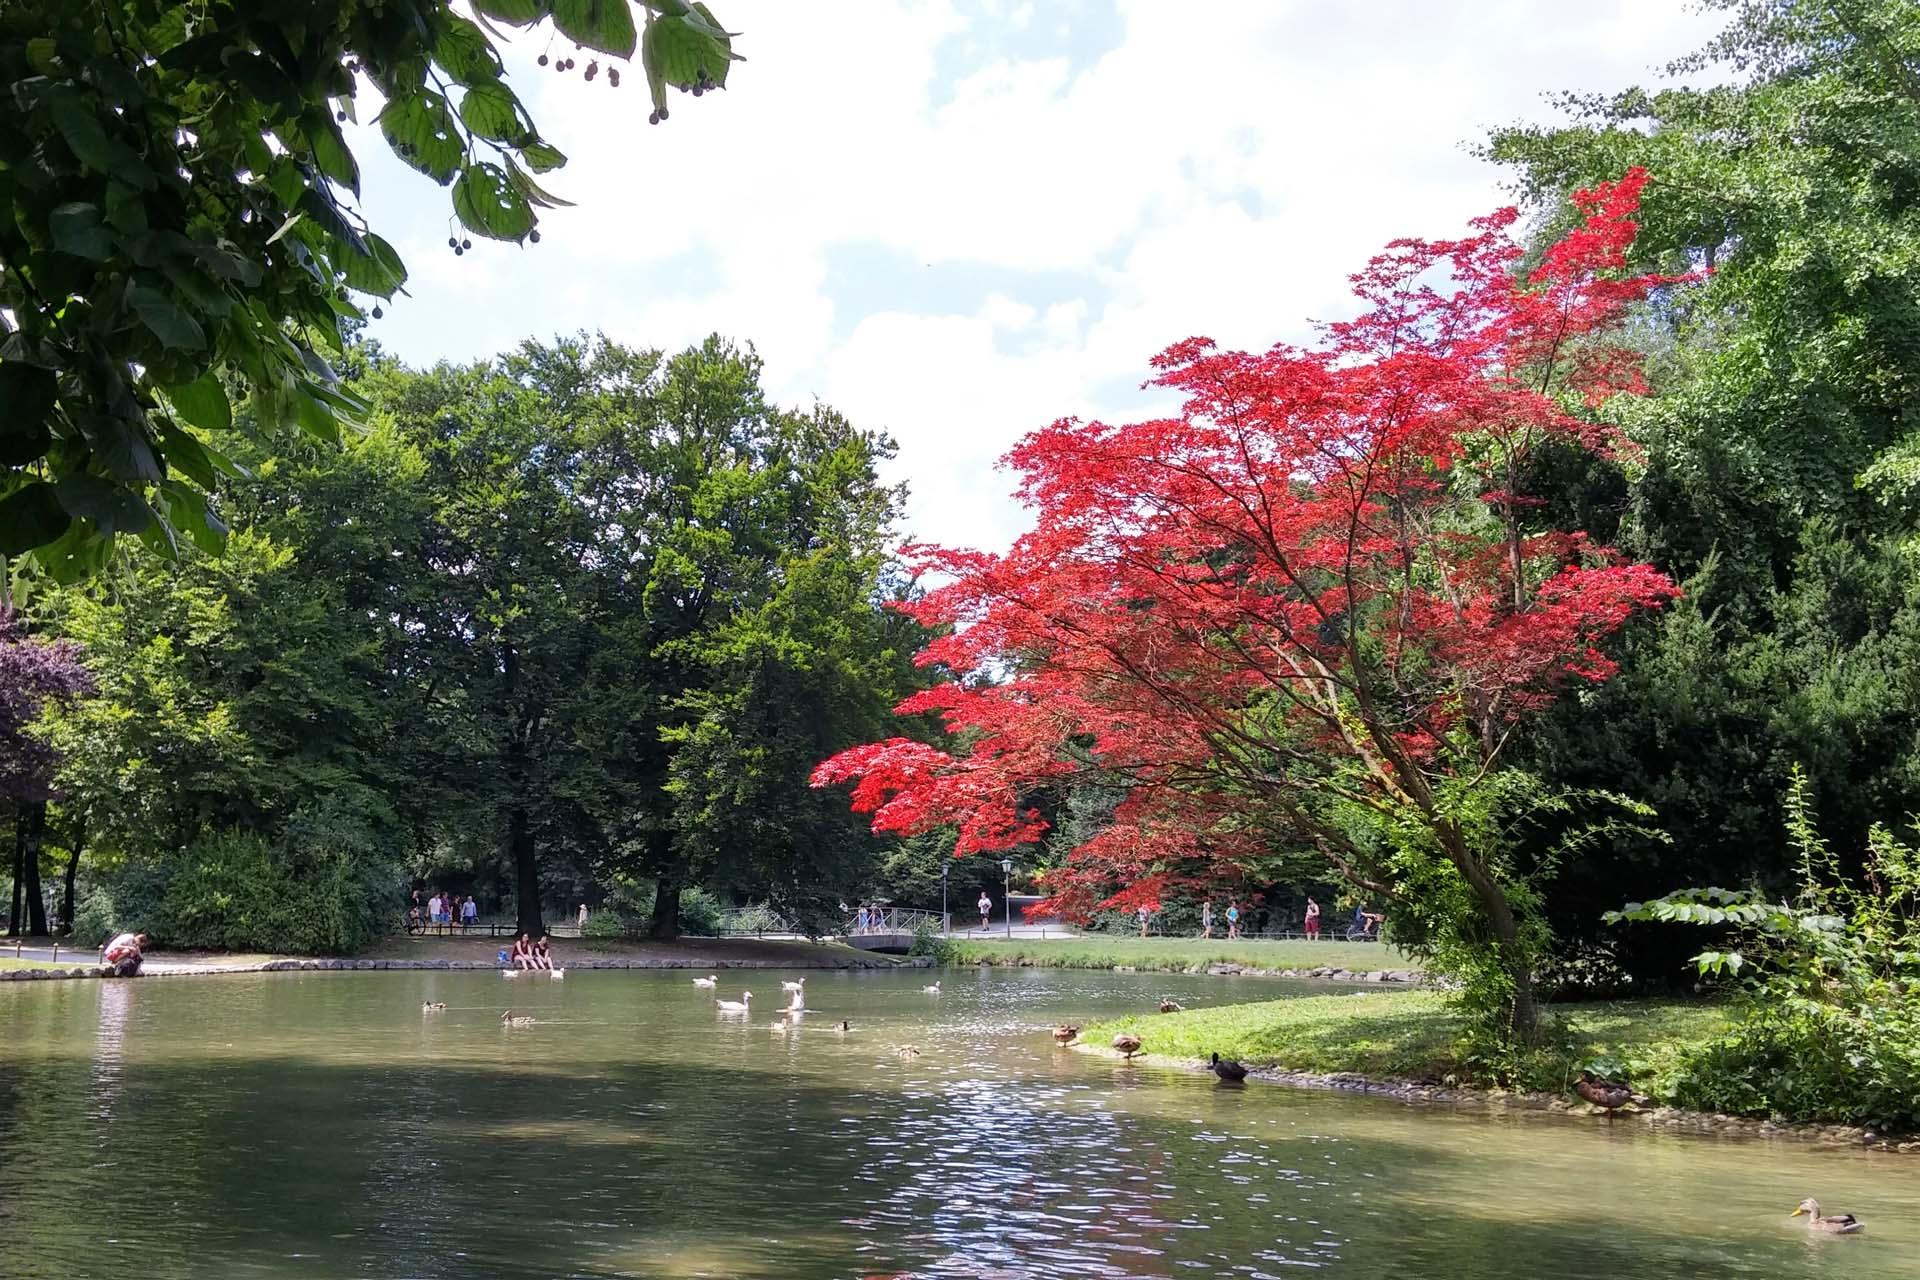 English Garden (Englischer Garten) in Munich